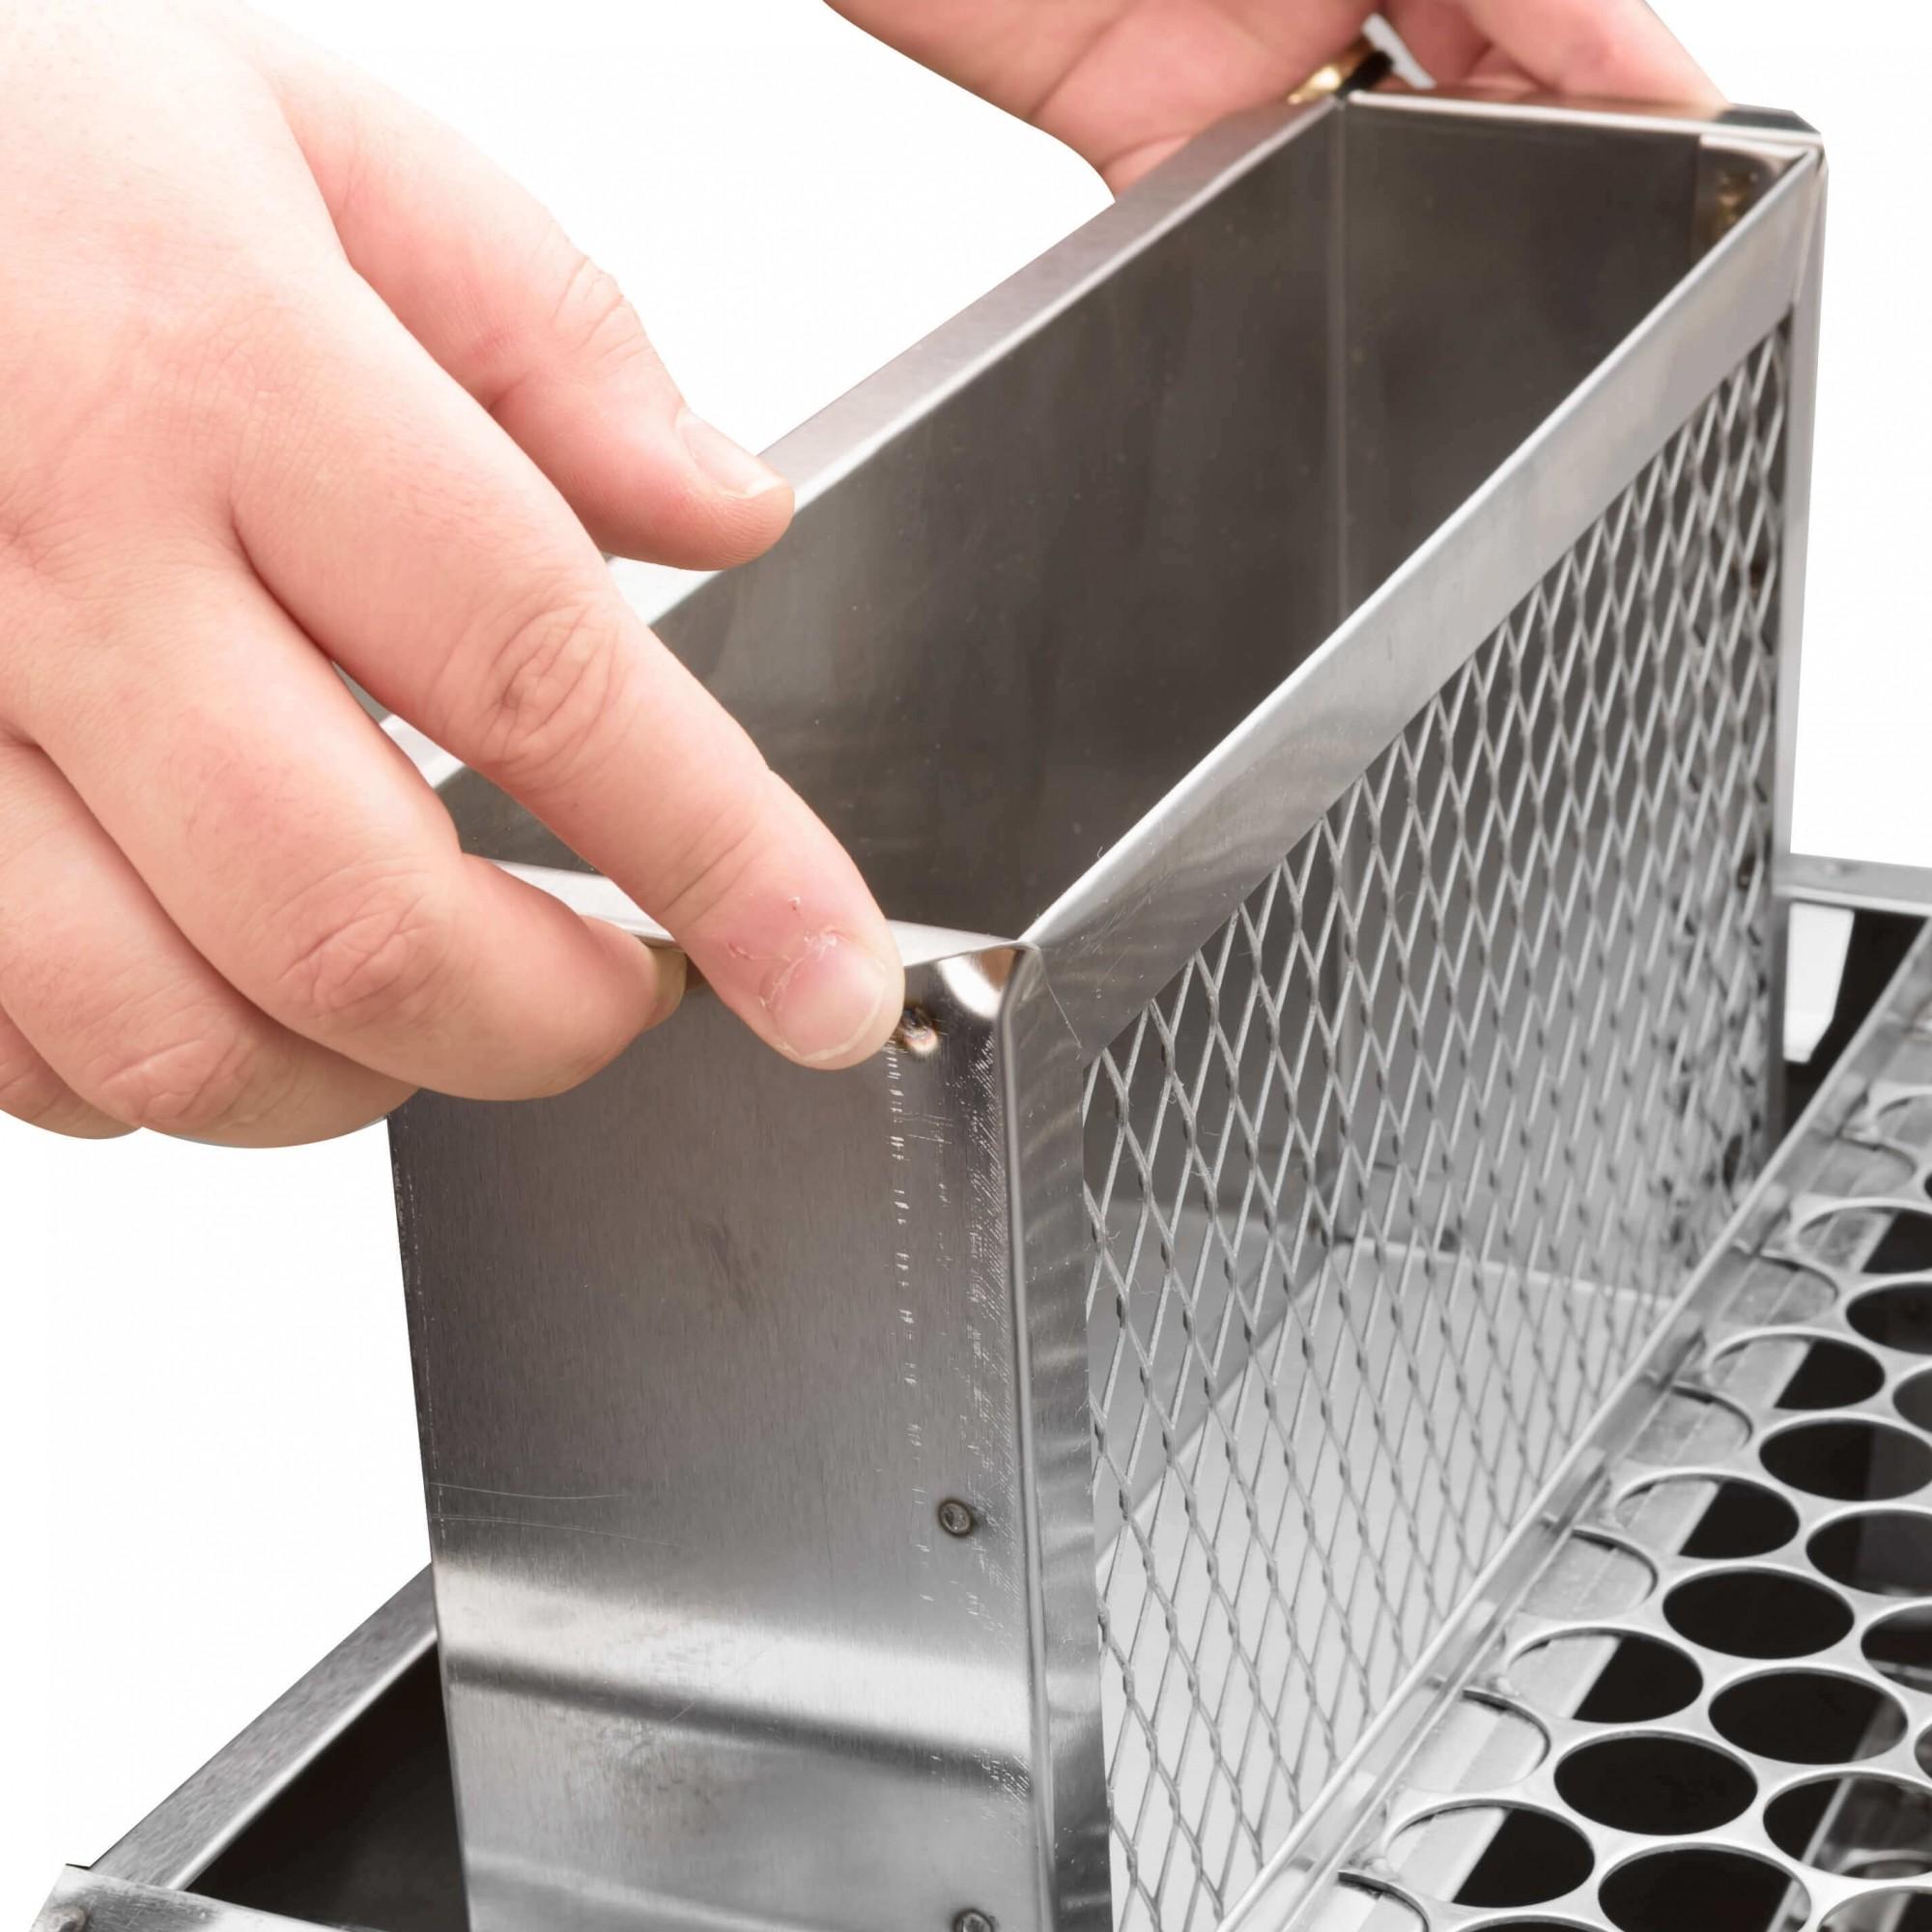 Churrasqueira Para Apartamento Ecológica Sem Fumaça De Embutir 60 cm x 40 cm aço inox